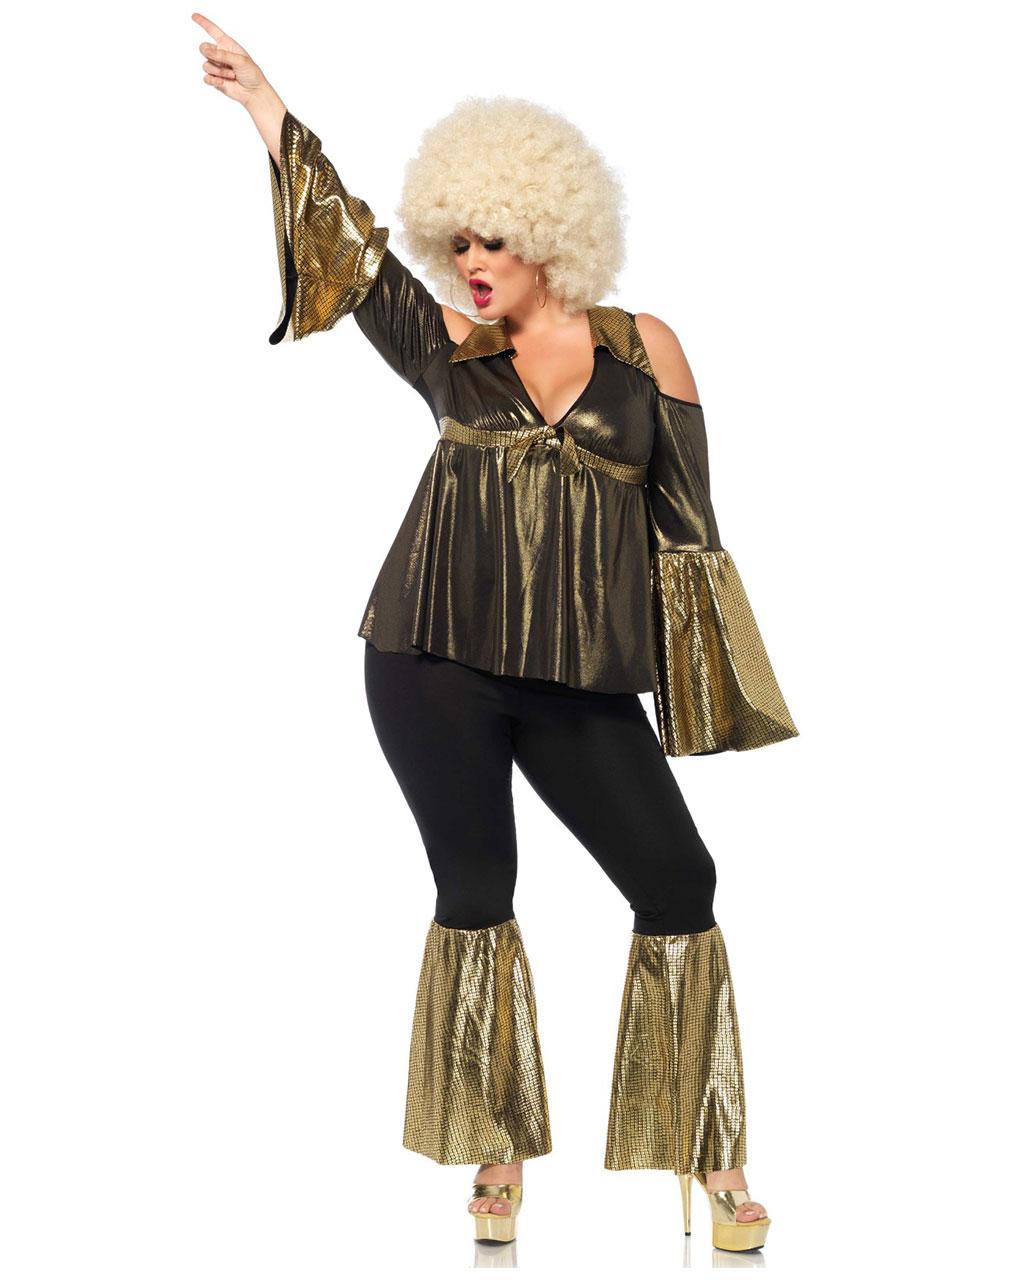 ded83a8c3c8149 Disco Diva Plus Size Costume for theme parties! | horror-shop.com